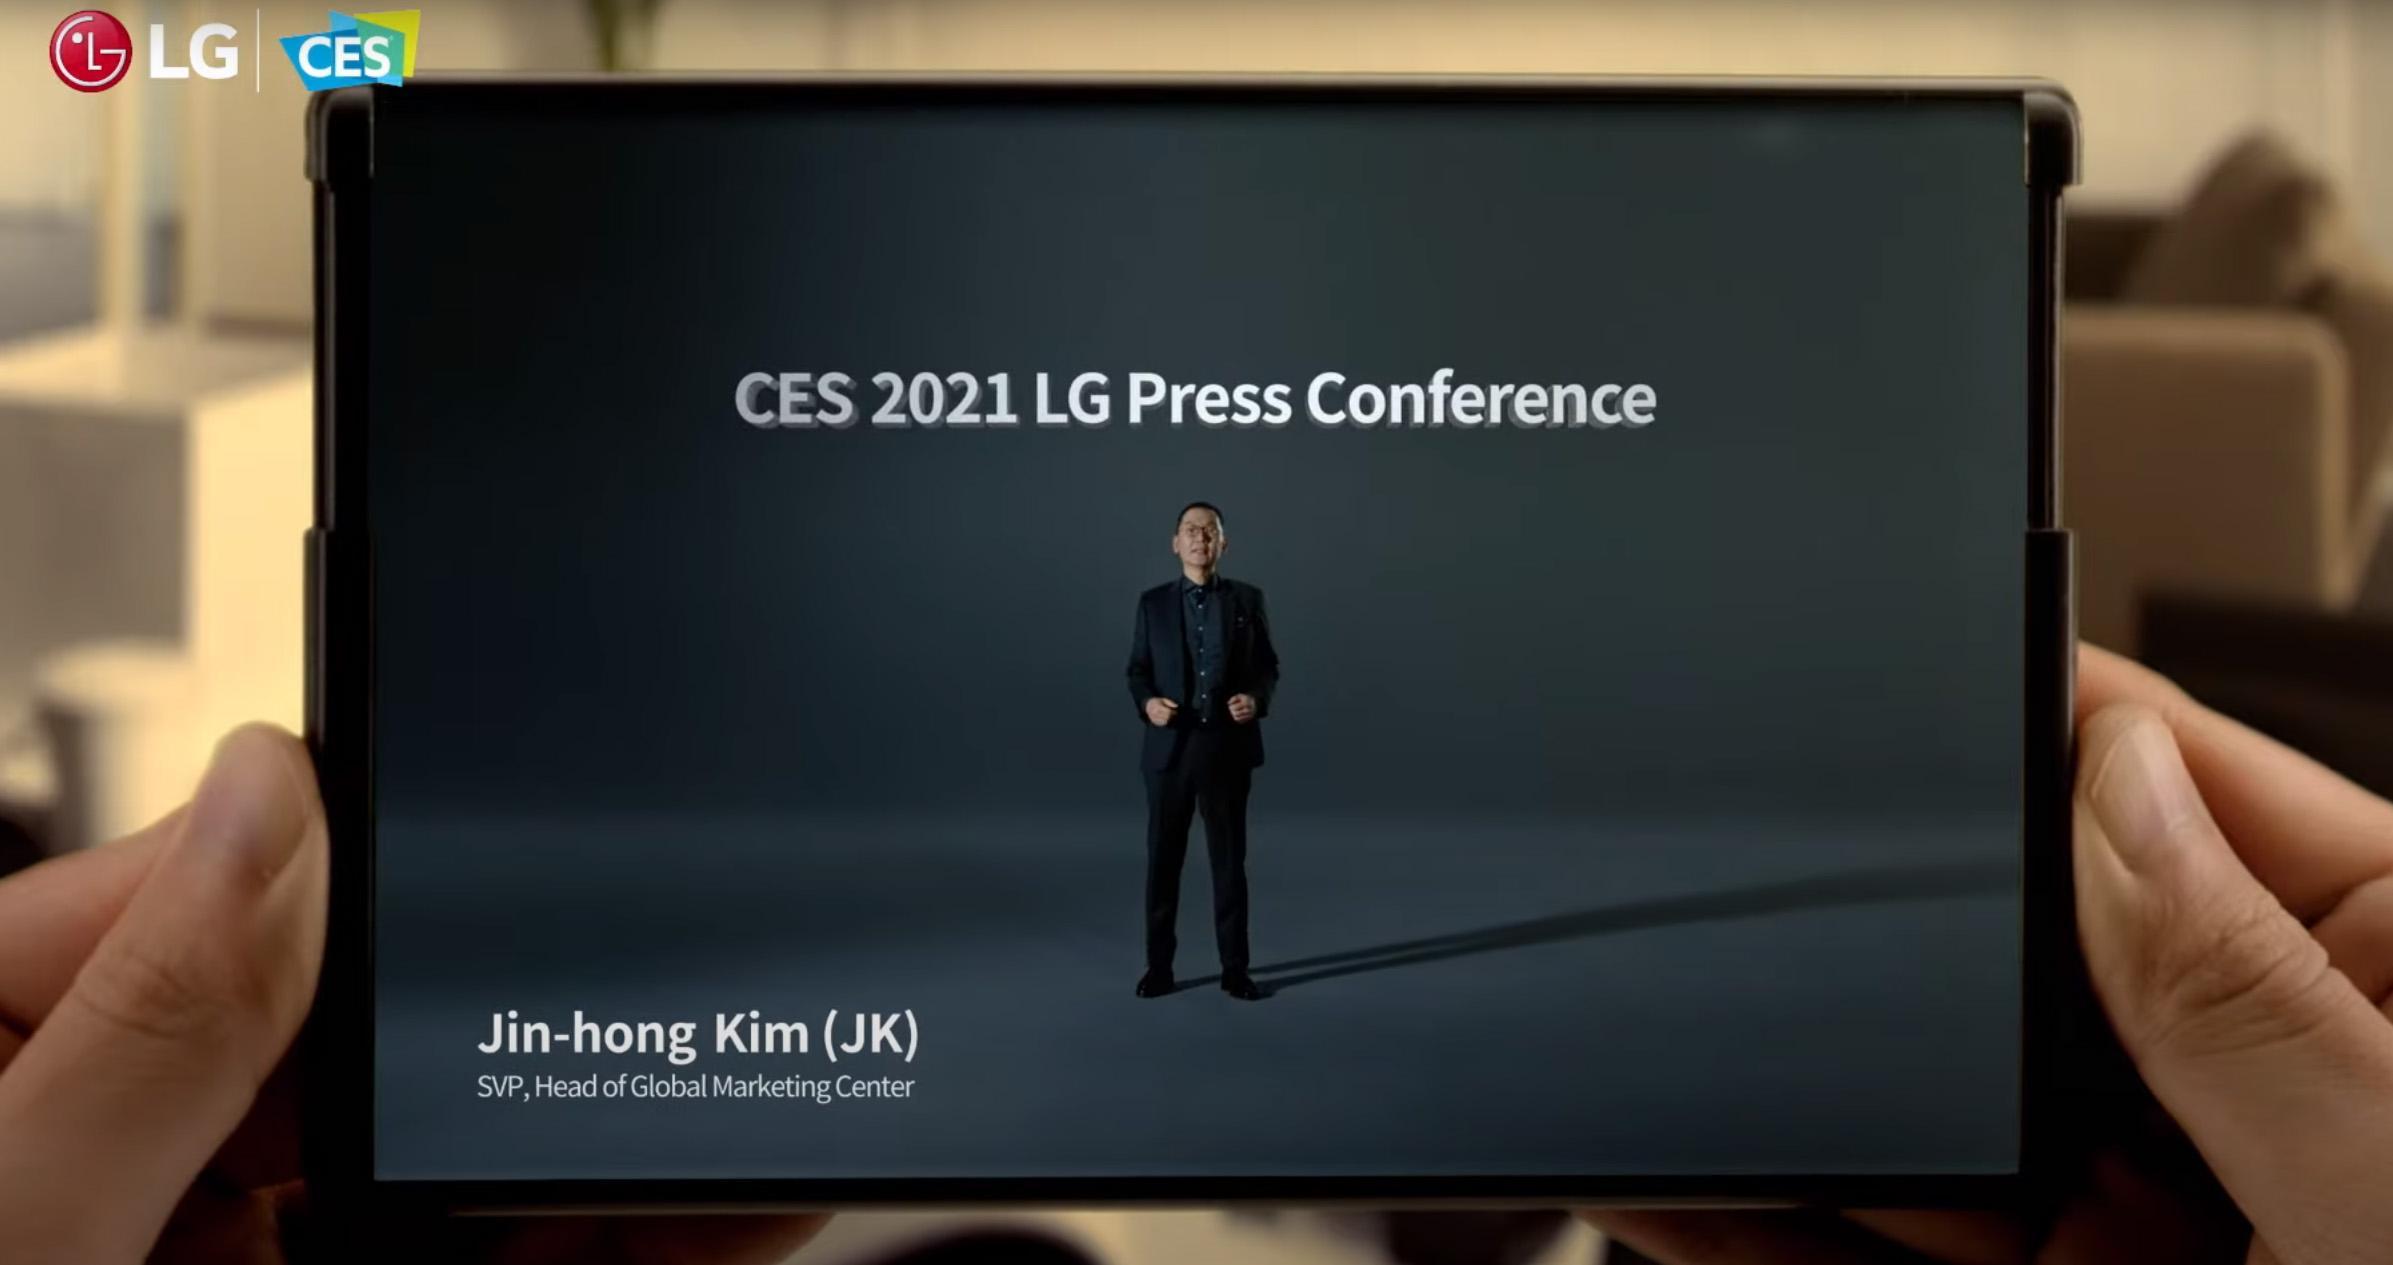 Allerede i starten av pressekonferansevideoen ble rulletelefonen vist frem.